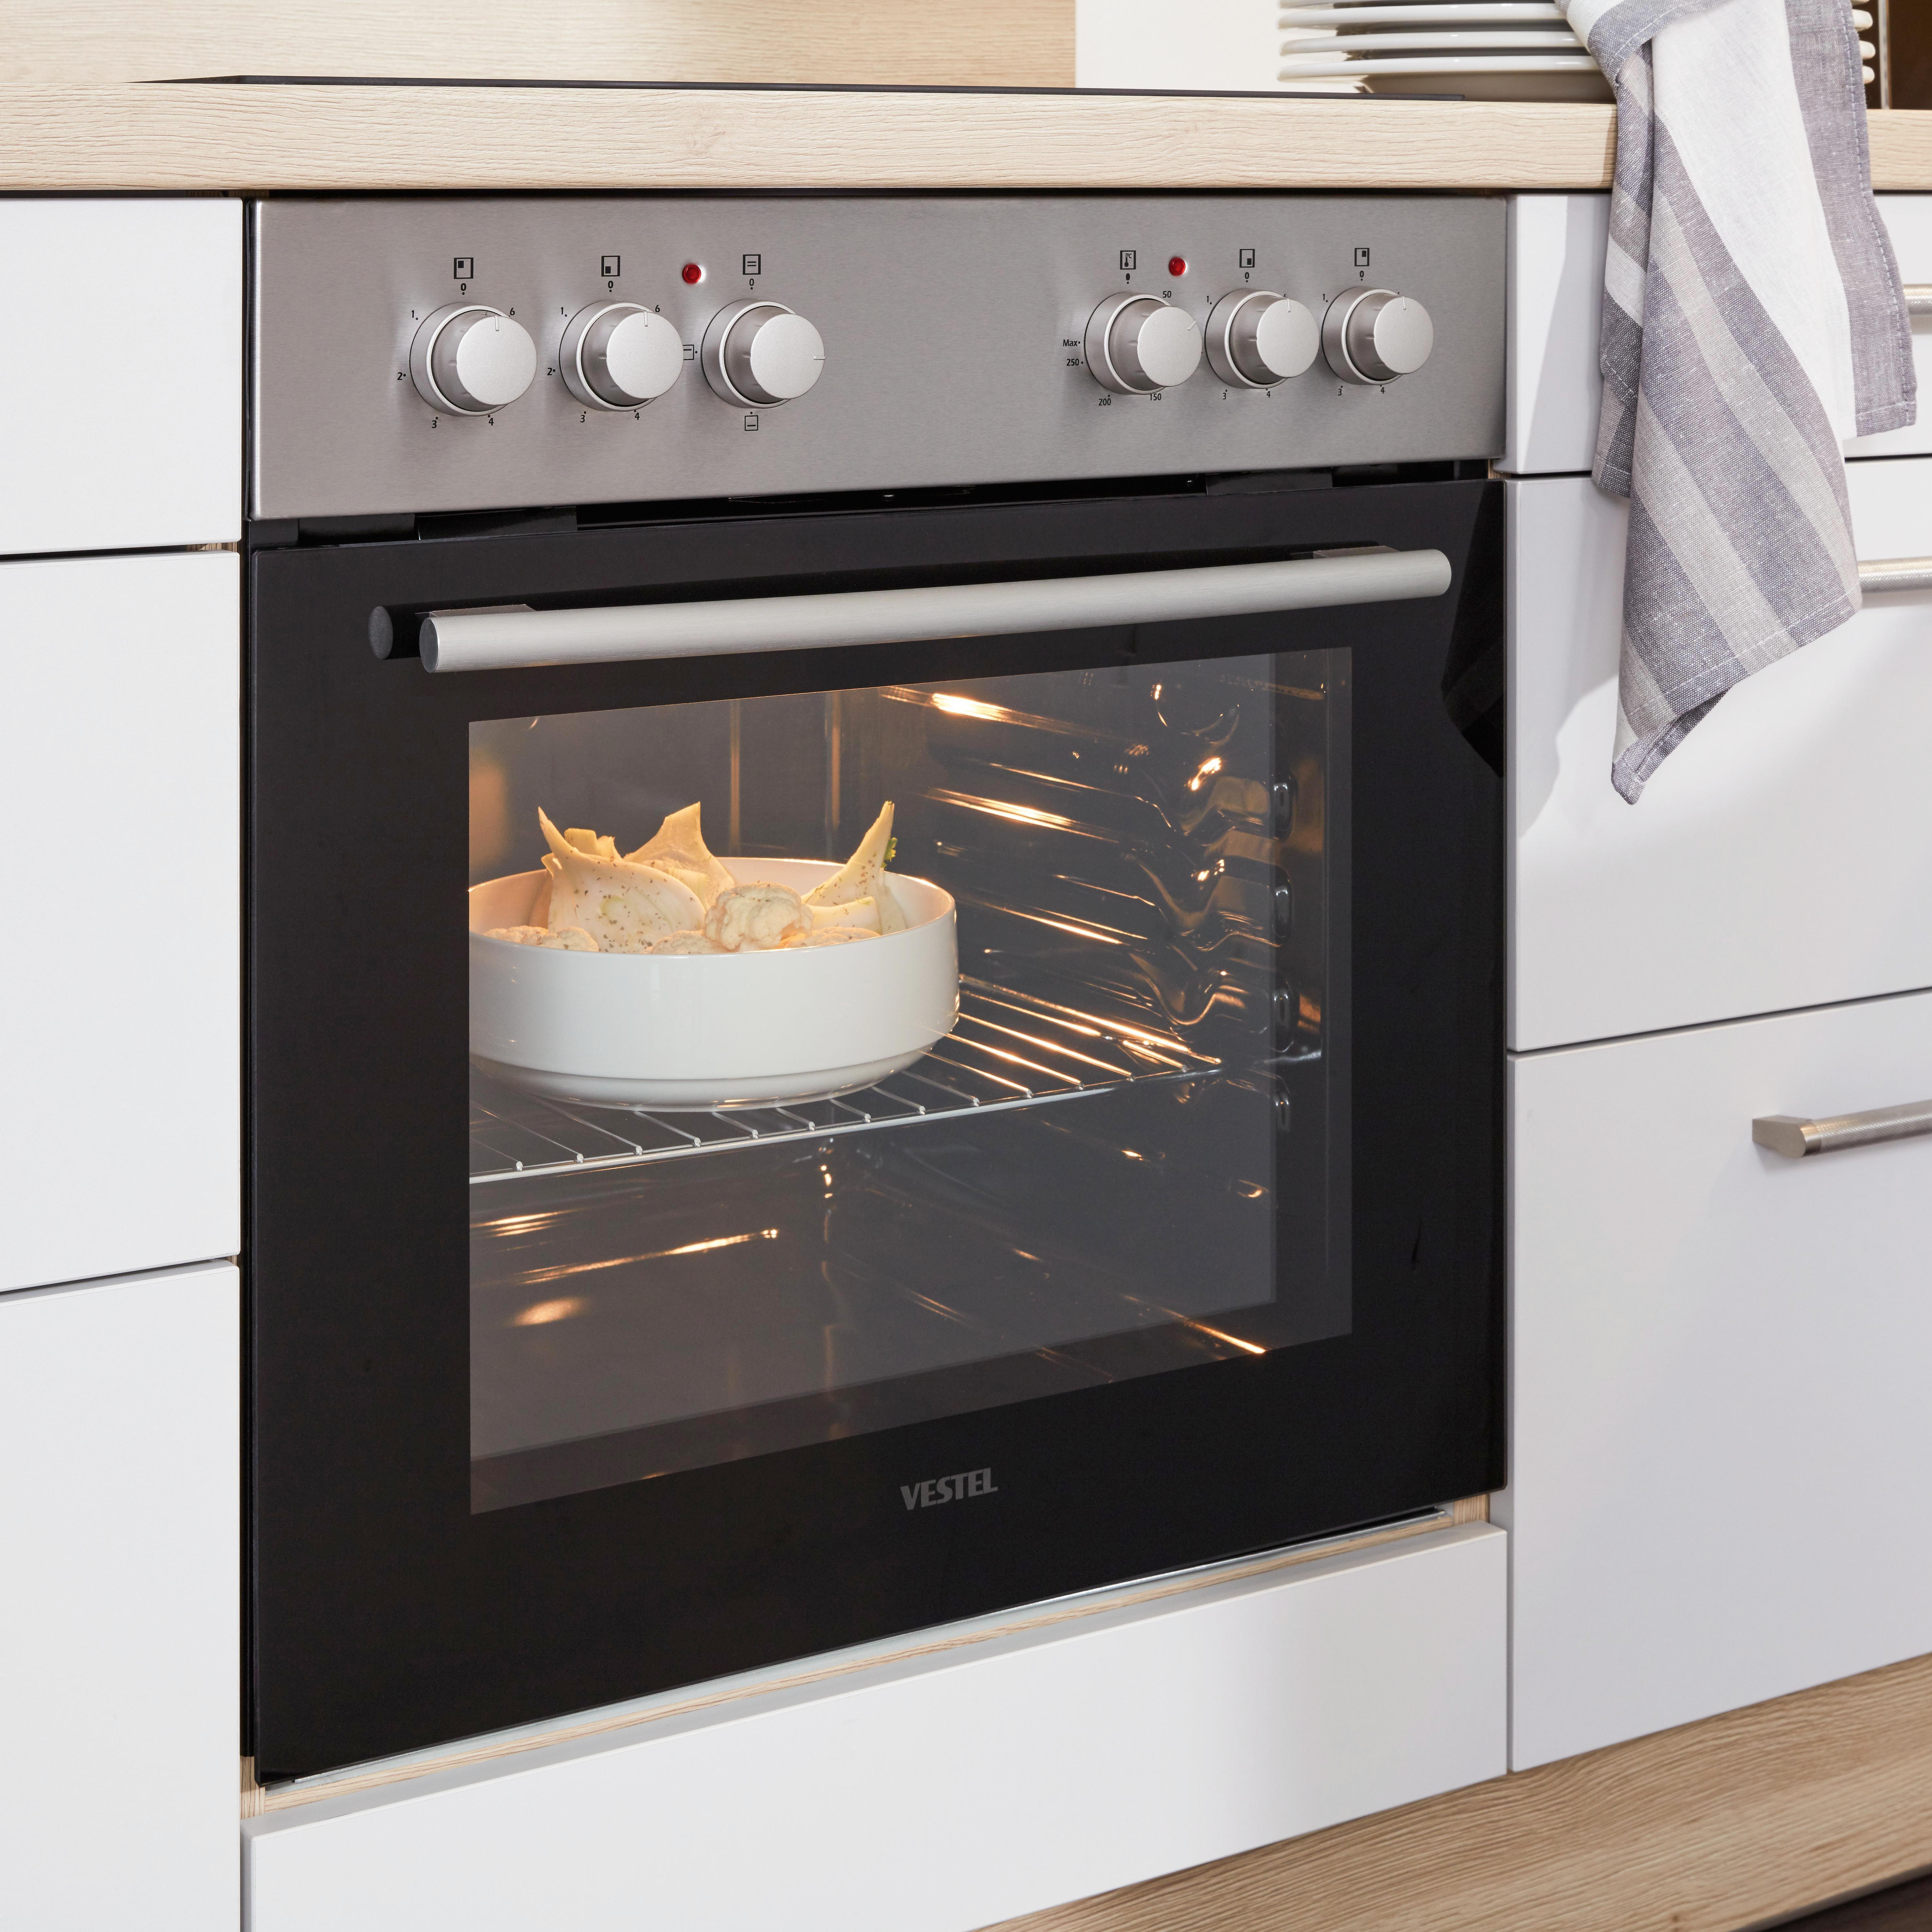 Ziemlich Bq Küchenschranktüren Zeitgenössisch - Ideen Für Die Küche ...